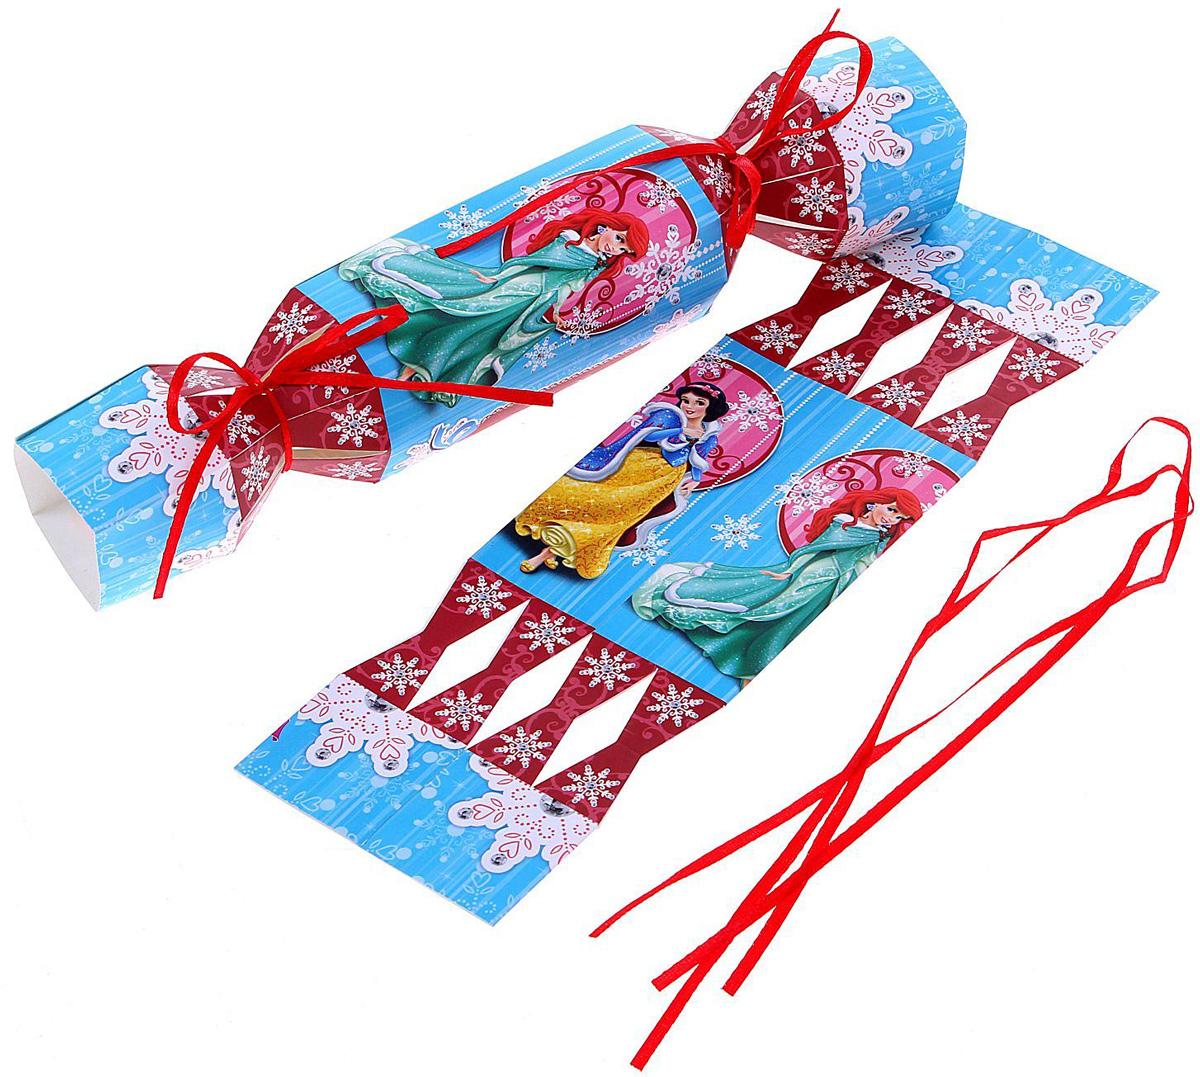 Любой подарок начинается с упаковки. Что может быть трогательнее и волшебнее, чем ритуал разворачивания полученного презента. И именно оригинальная, со вкусом выбранная упаковка выделит ваш подарок из массы других. Она продемонстрирует самые теплые чувства к виновнику торжества и создаст сказочную атмосферу праздника.